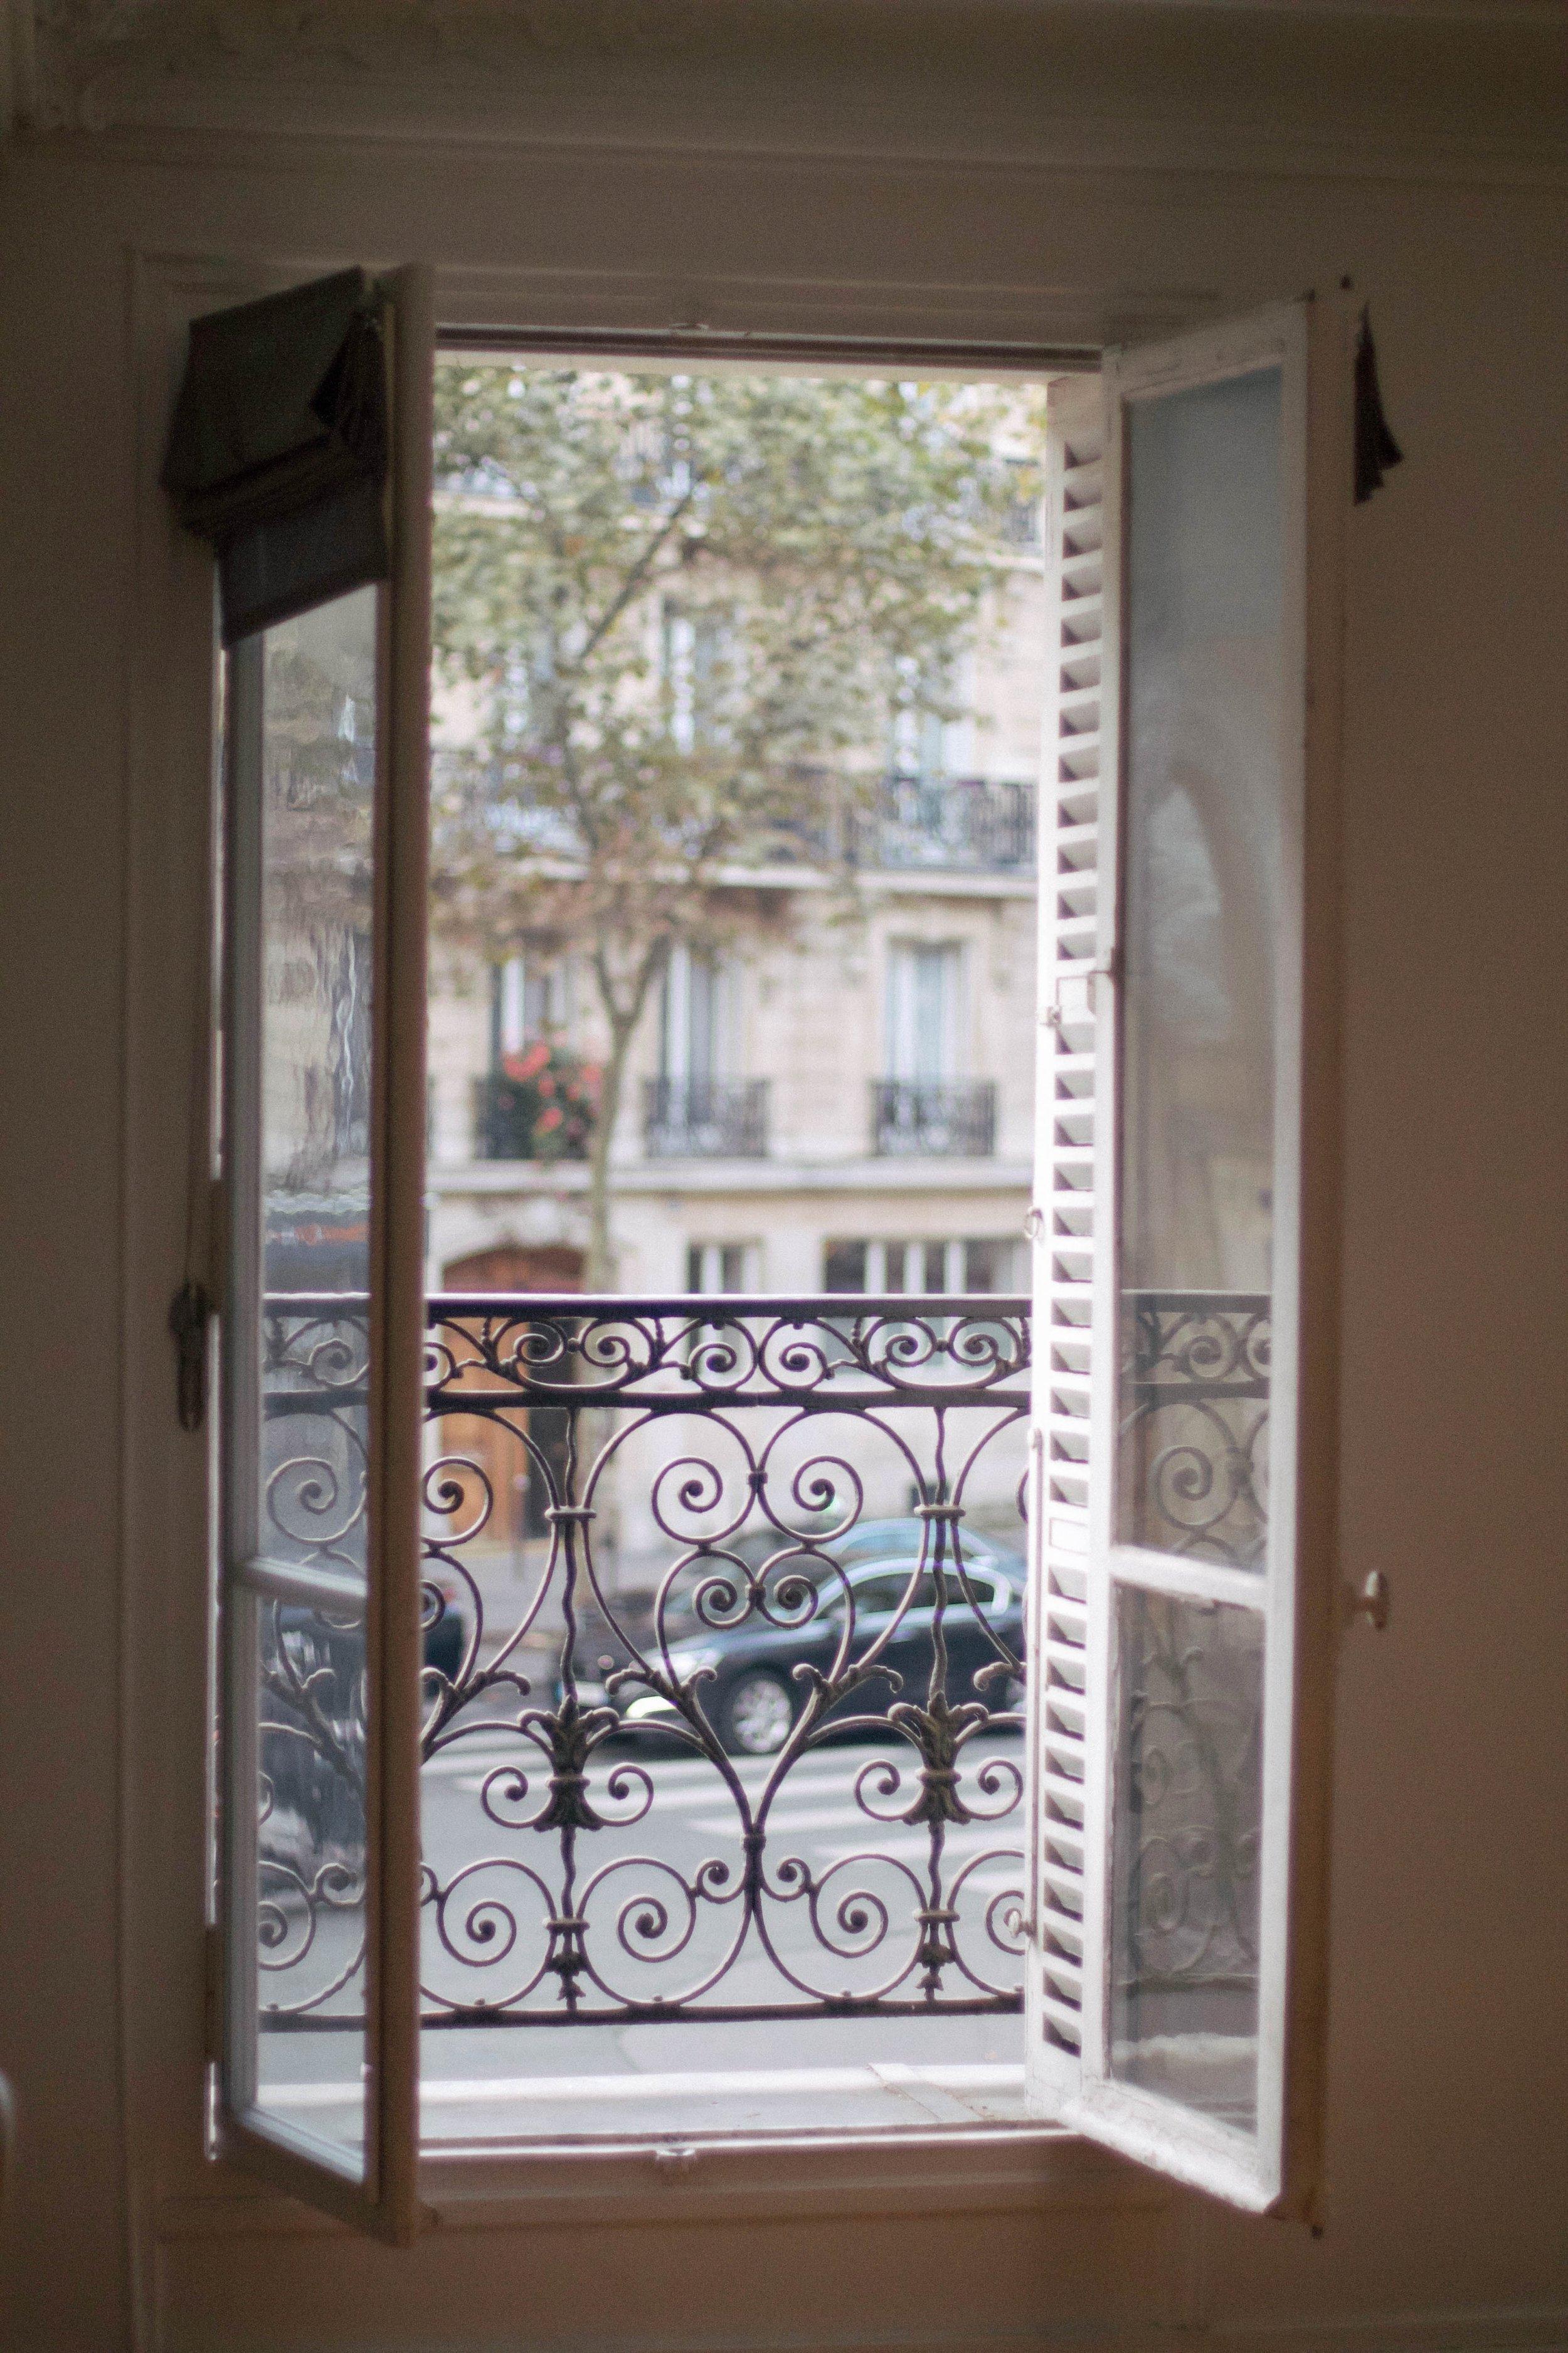 Paris-Cooking-Class-The-Parisian-Kitchen